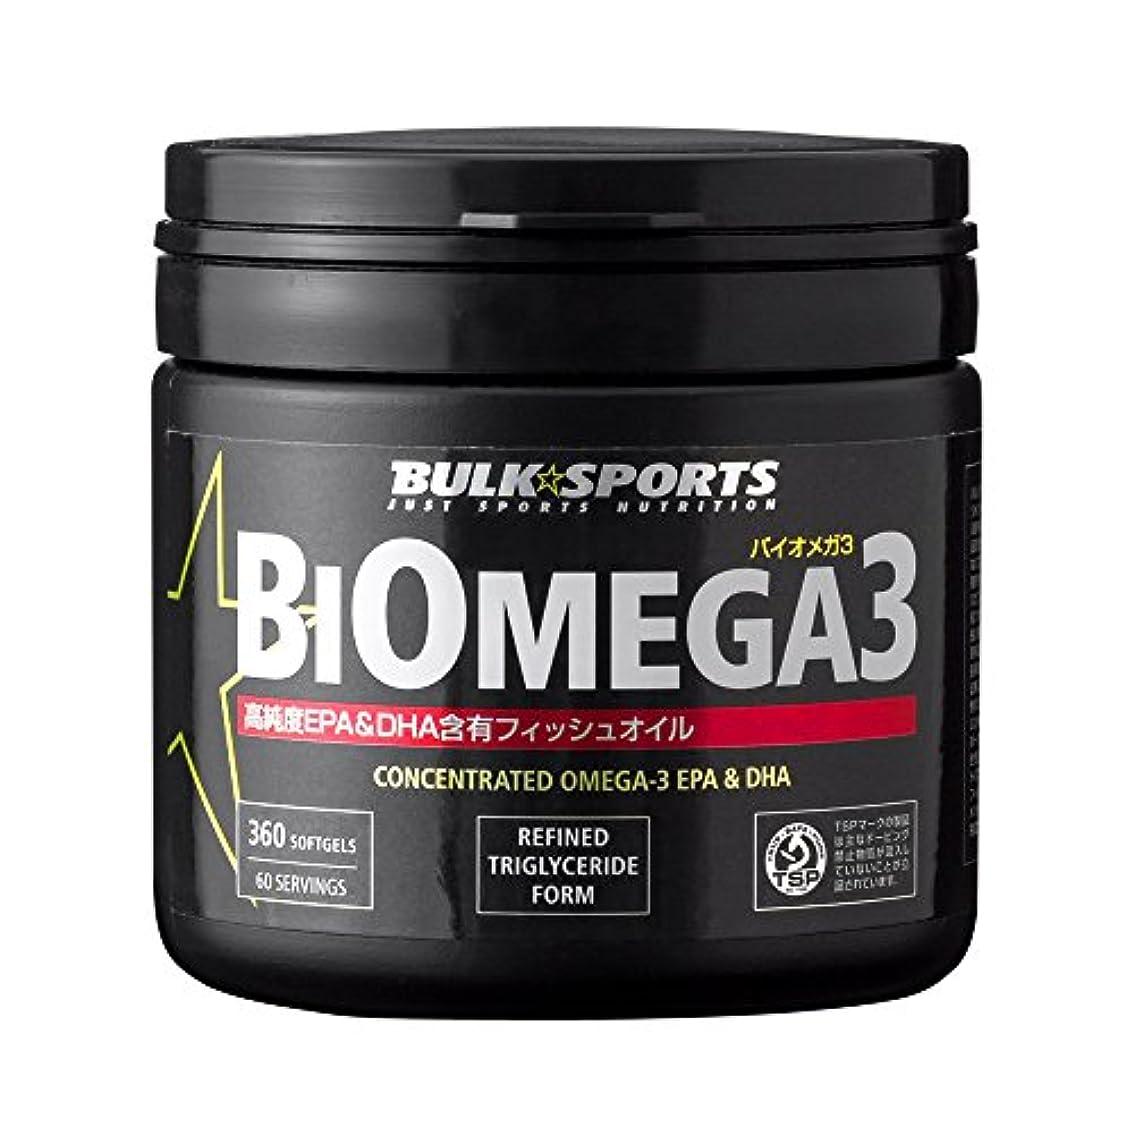 チョーク微妙多様体バルクスポーツ バイオメガ3 EPA&DHA含有フィッシュオイル 360ソフトジェルカプセル